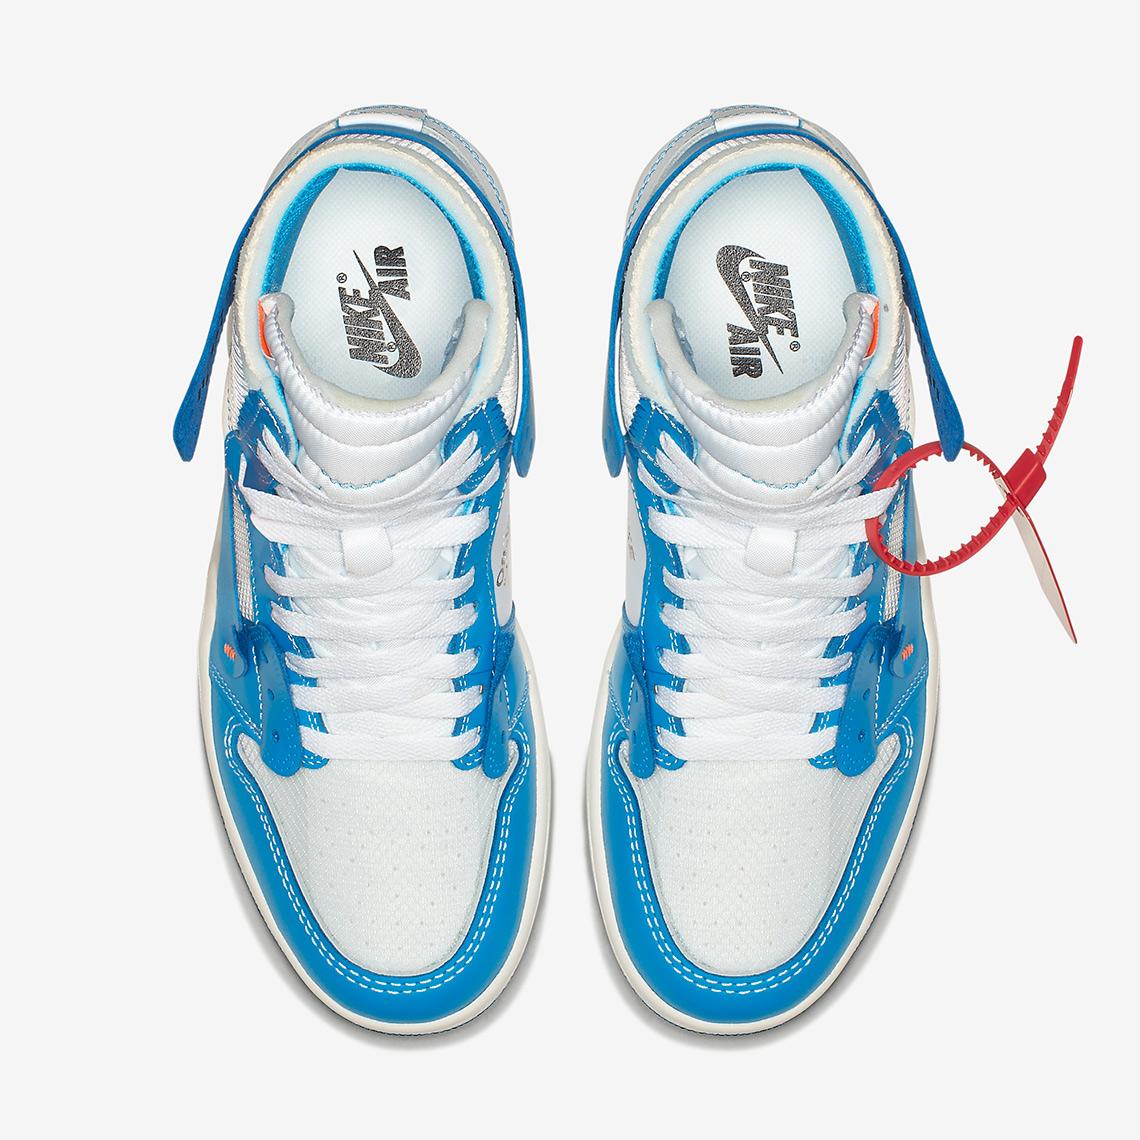 b3e8d9552863 OFF WHITE x Air Jordan 1